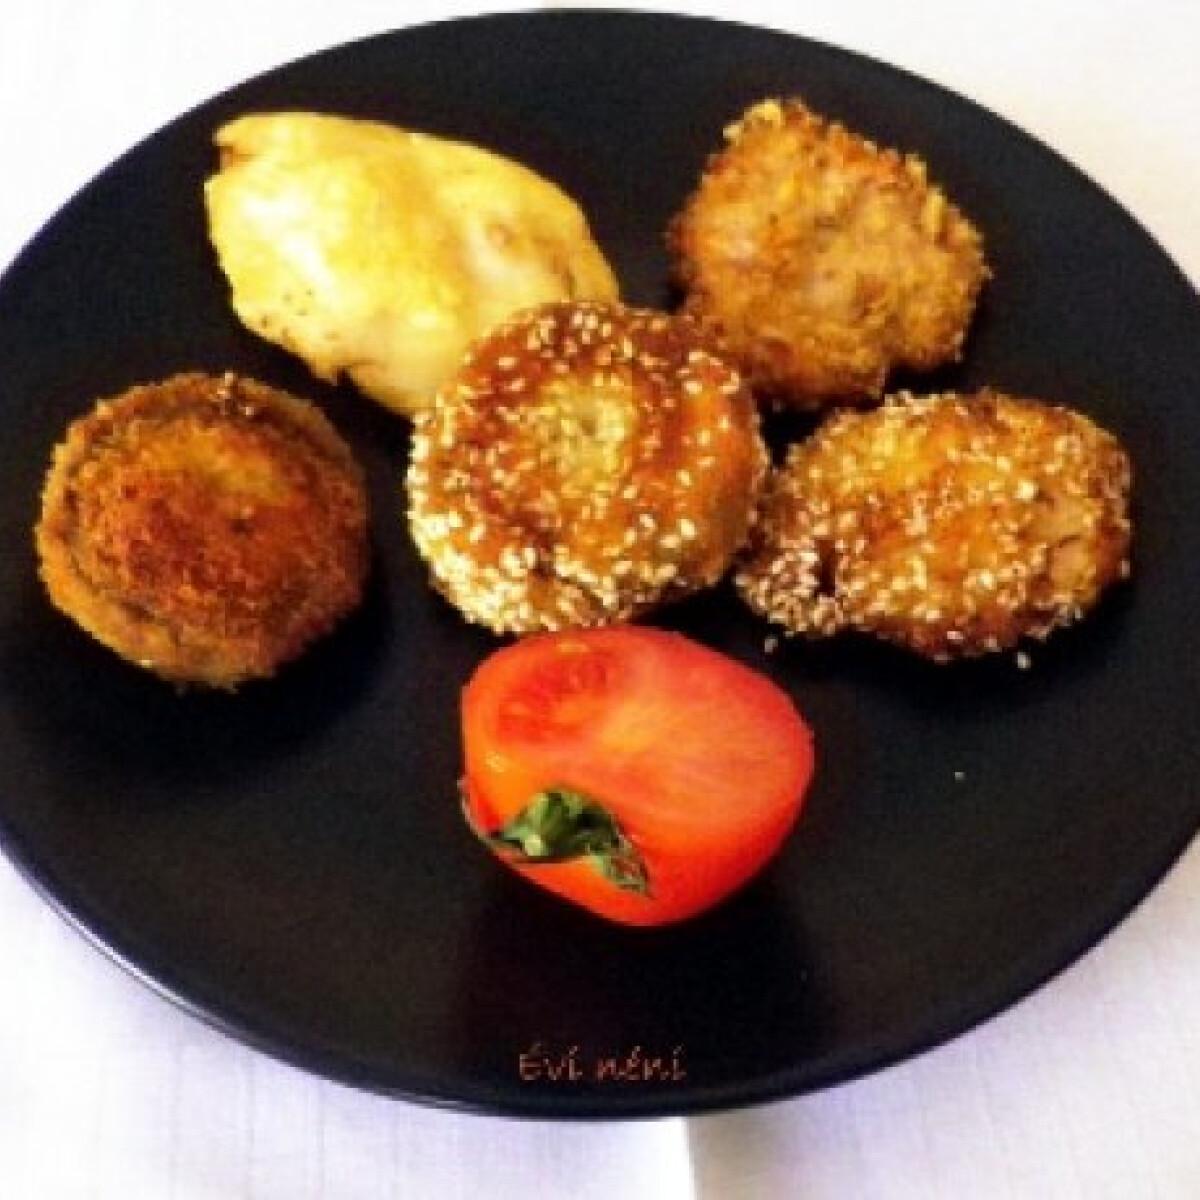 Tojás nélküli és tojásos rántott hús variációk